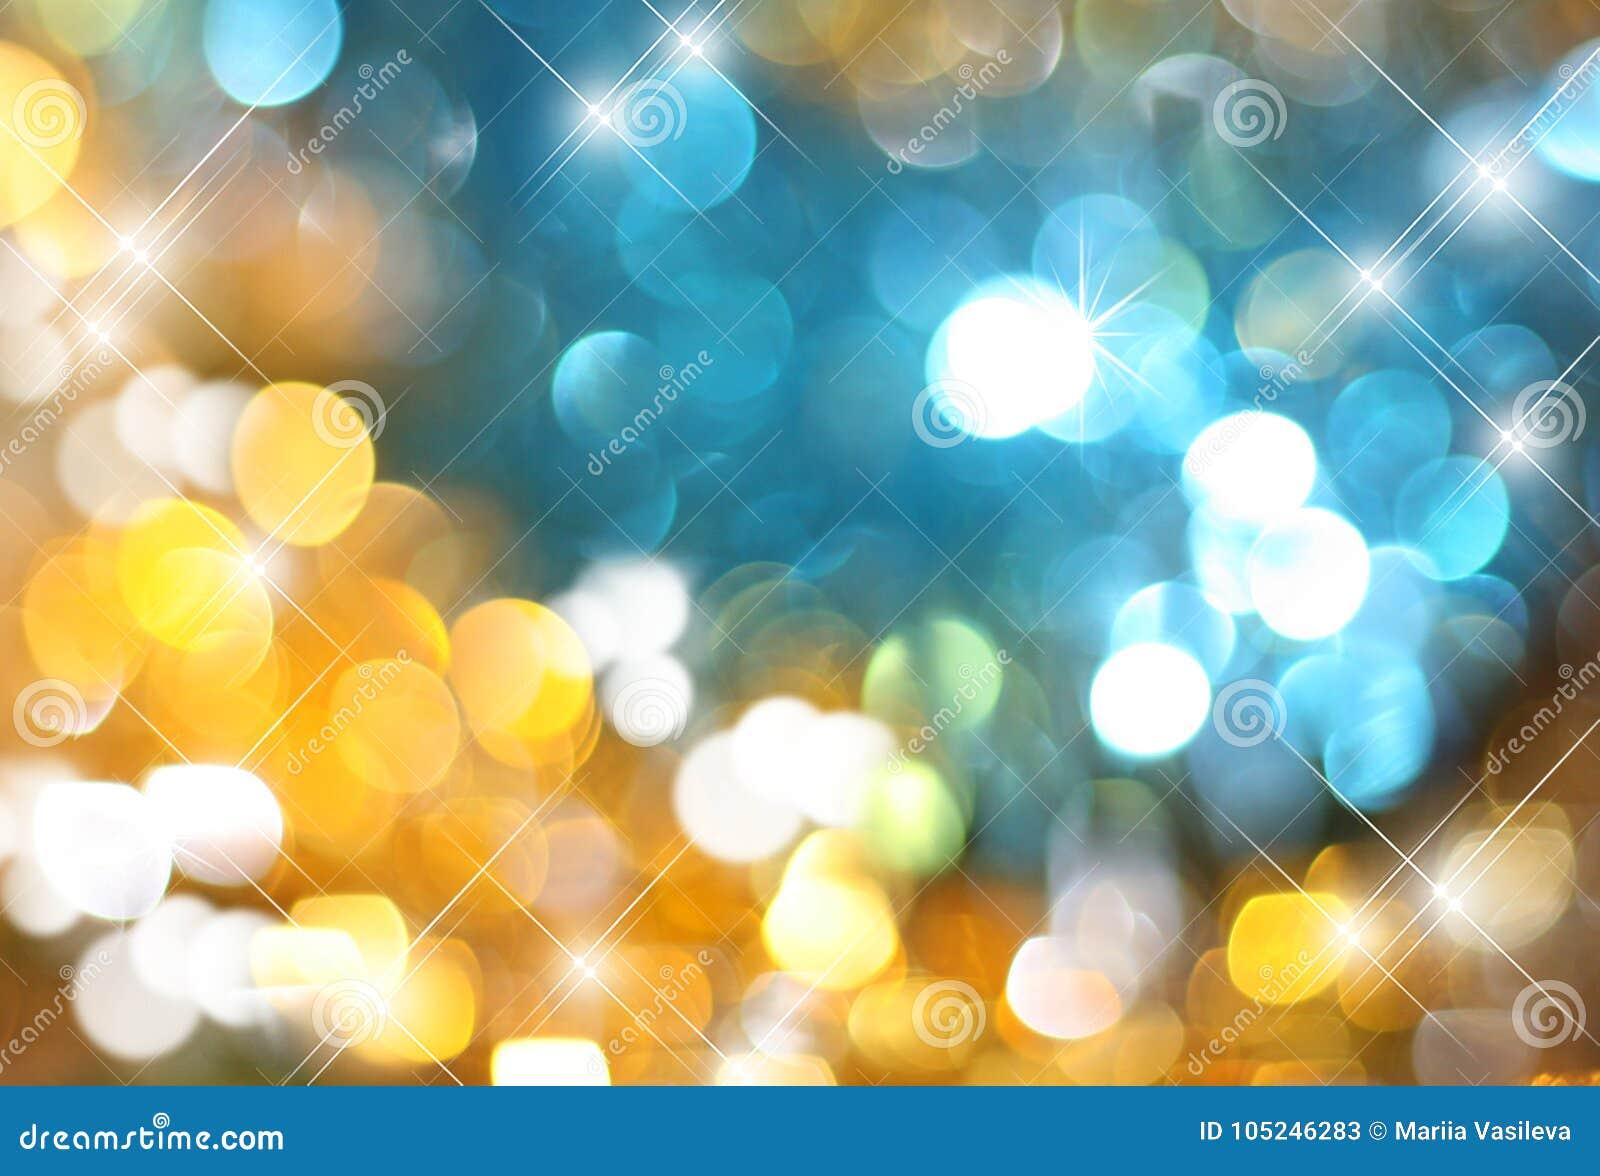 Het achtergrondgoud met blauwe gloeiende lovertjes, het blauw van Zolotoy en het fonkelen schitteren, vage feestelijke achtergron